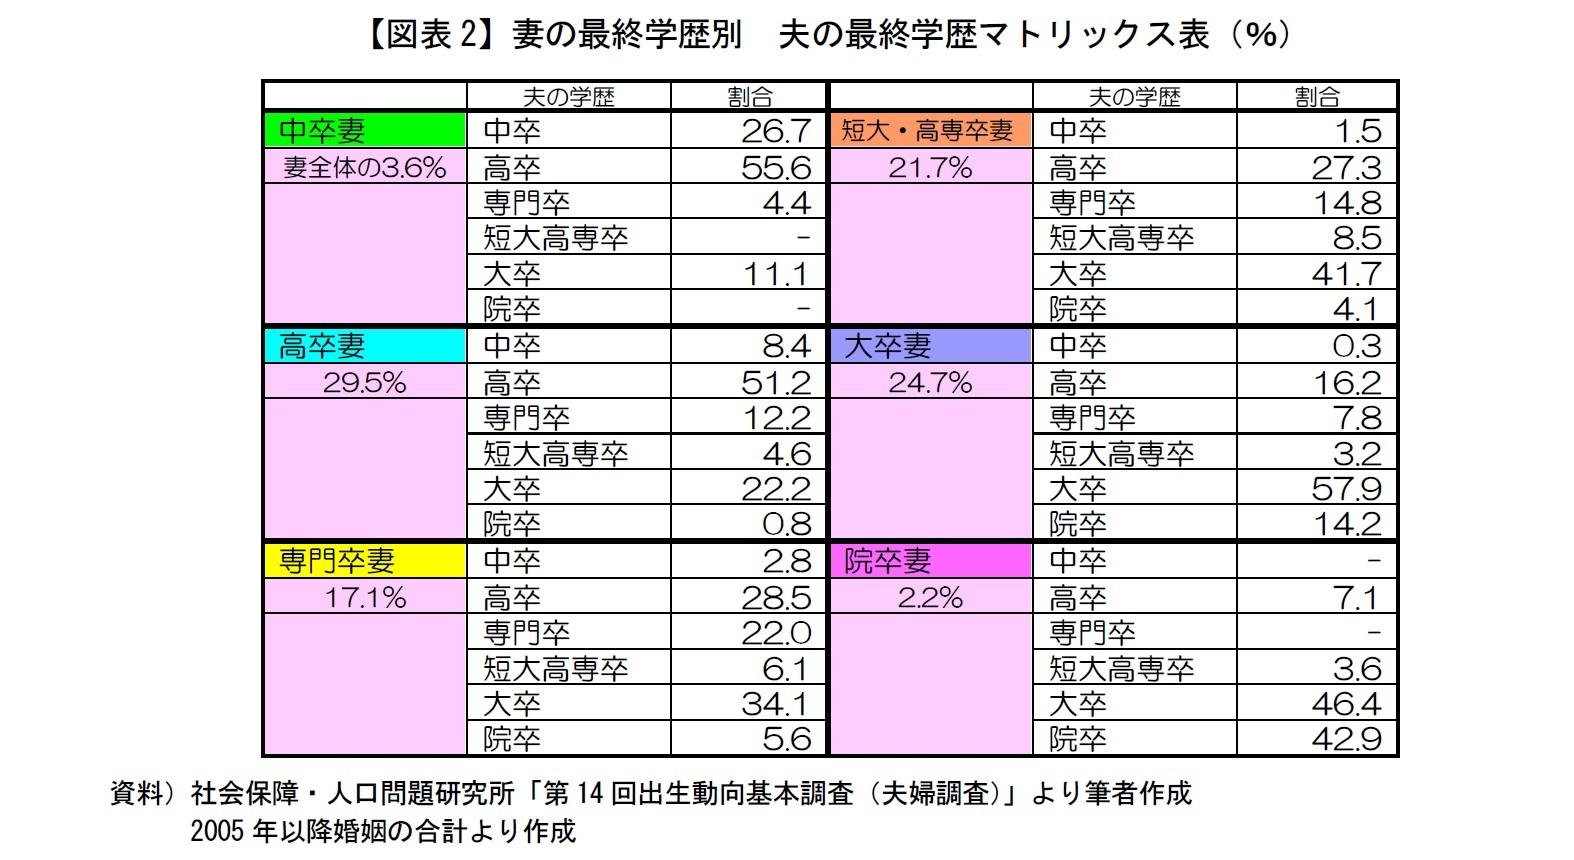 【図表2】妻の最終学歴別 夫の最終学歴マトリックス表(%)